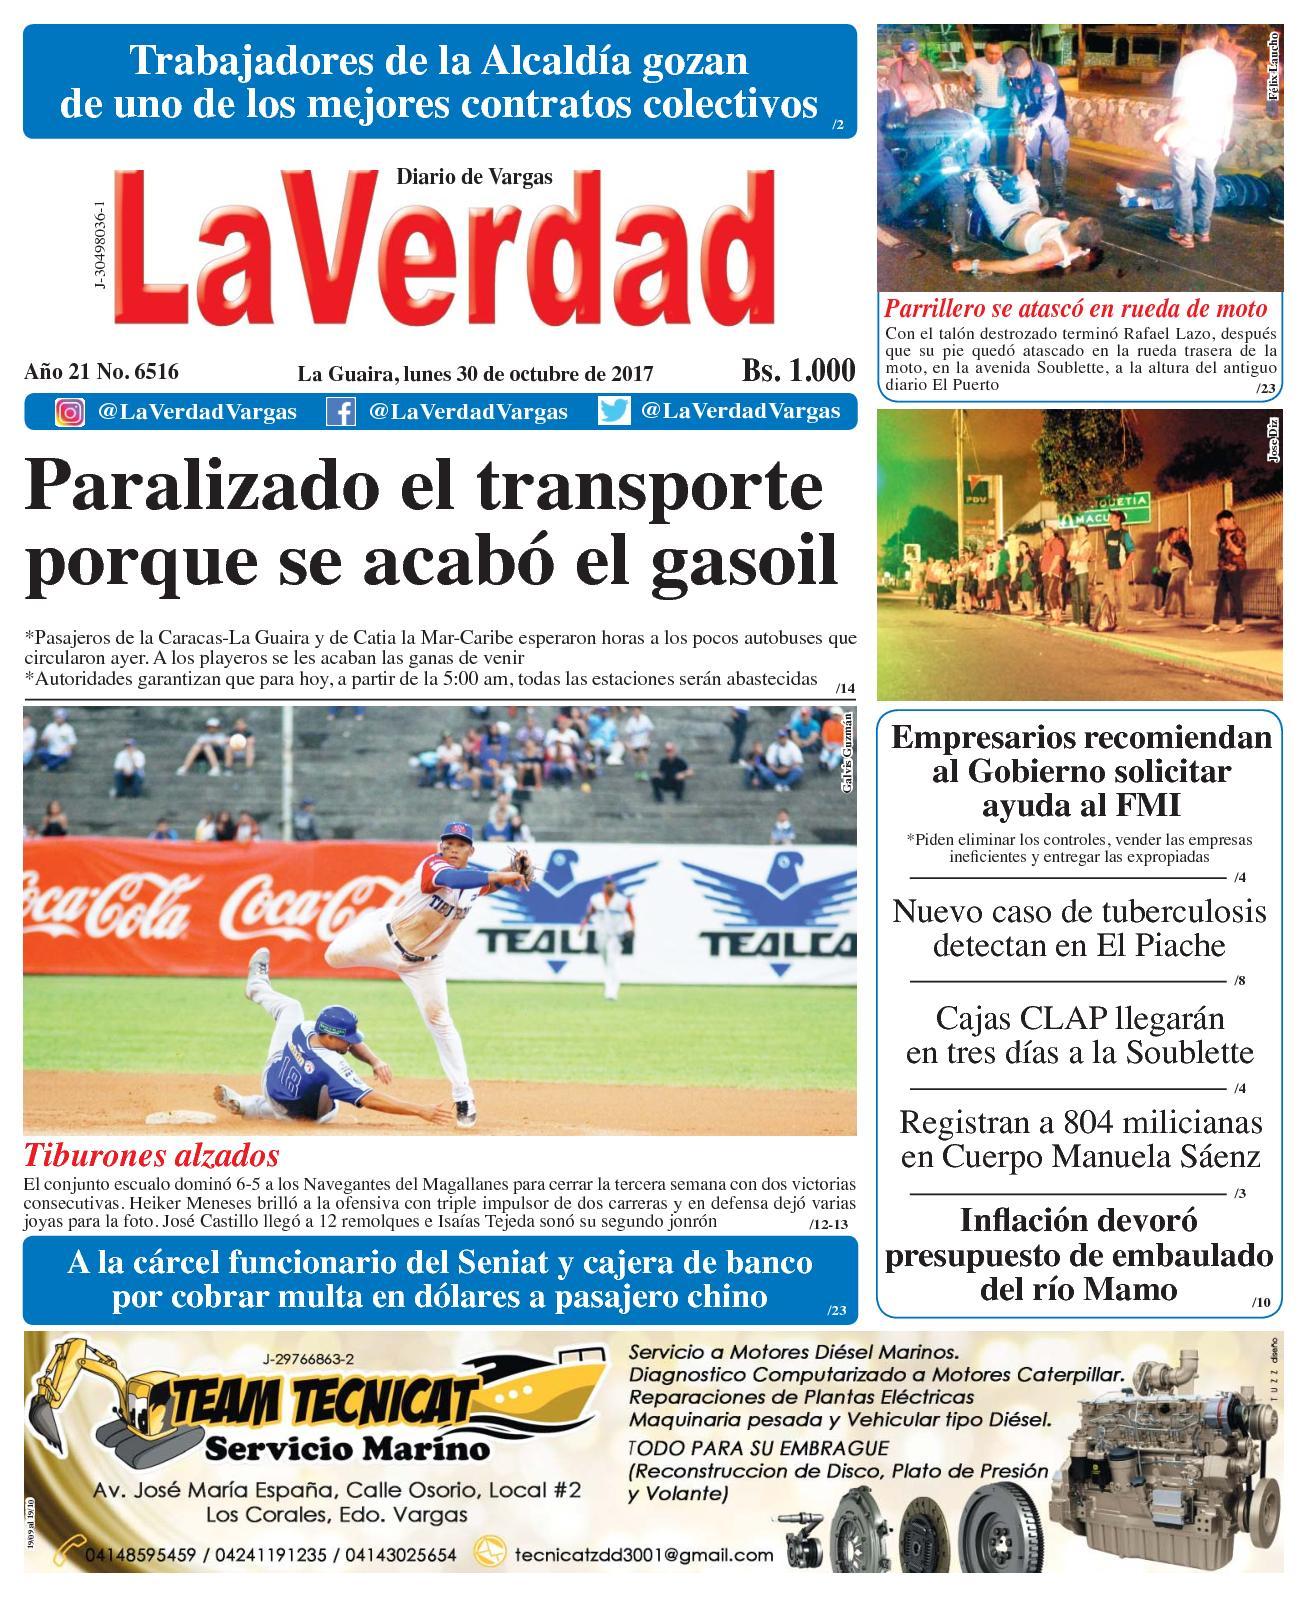 La Guaira, lunes 30 de octubre de 2017. Año 20 No. 6516